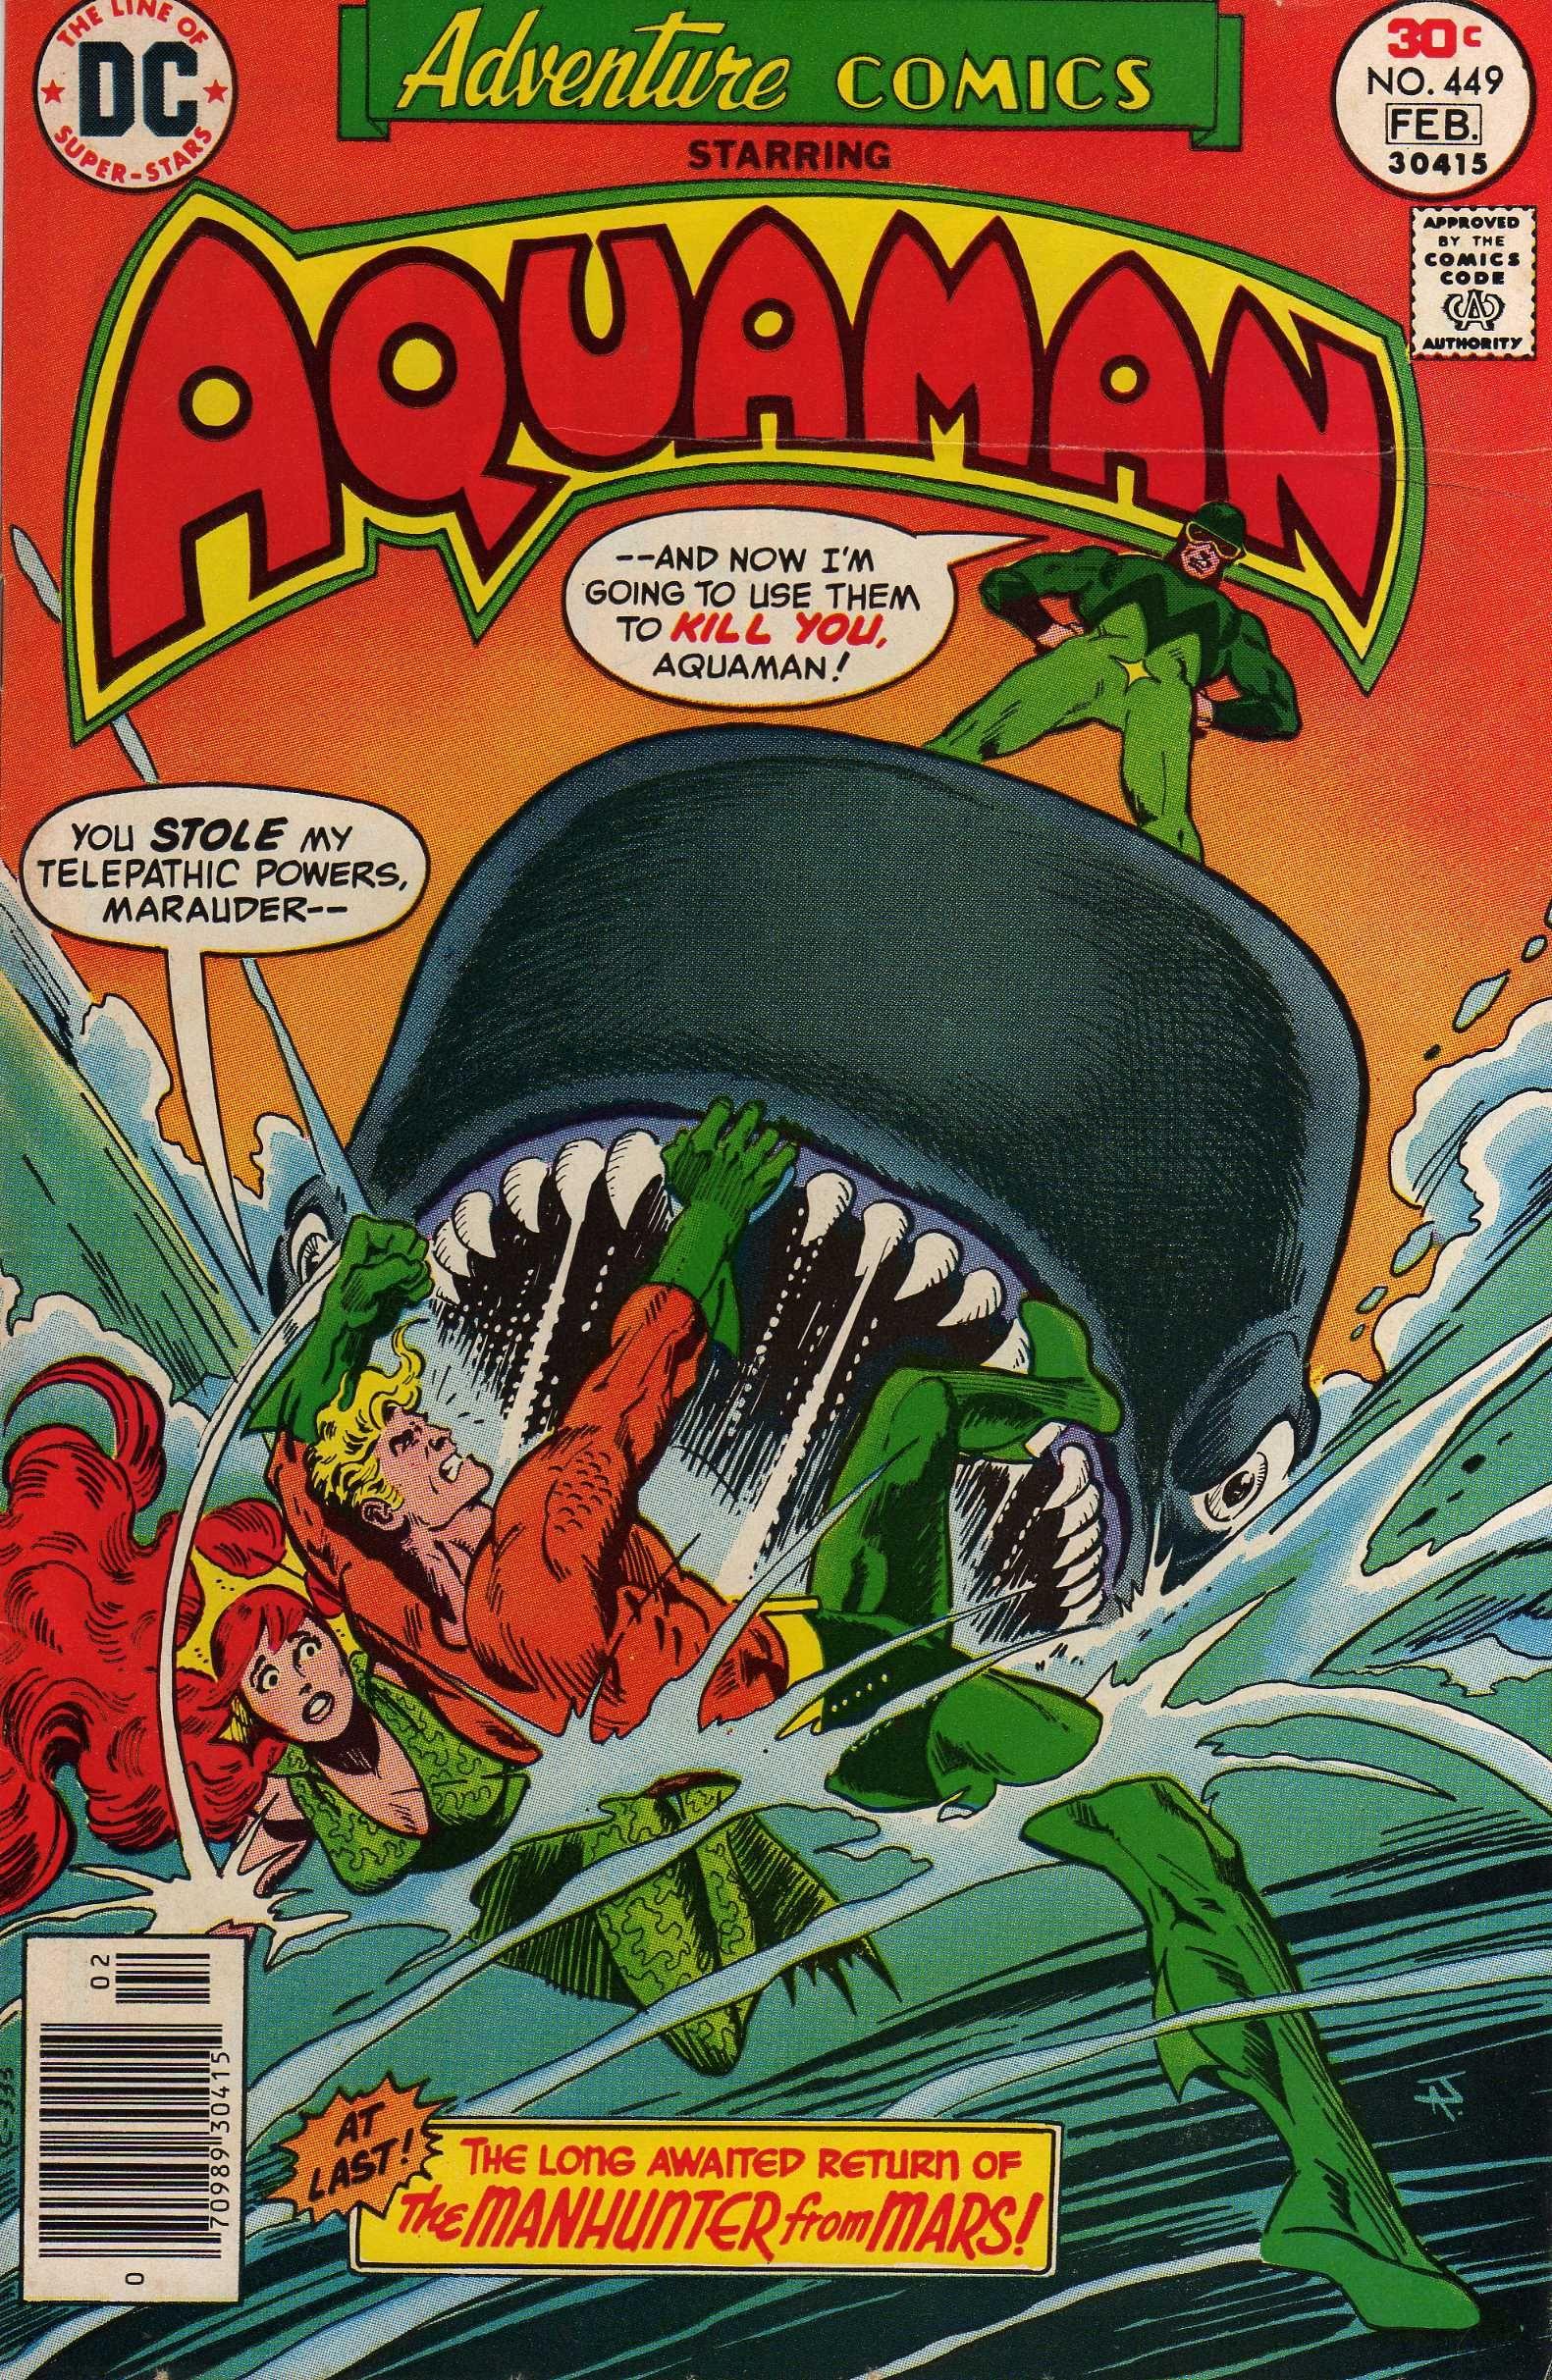 Aquaman & Mera In Adventure Comics Vol 1 # 449